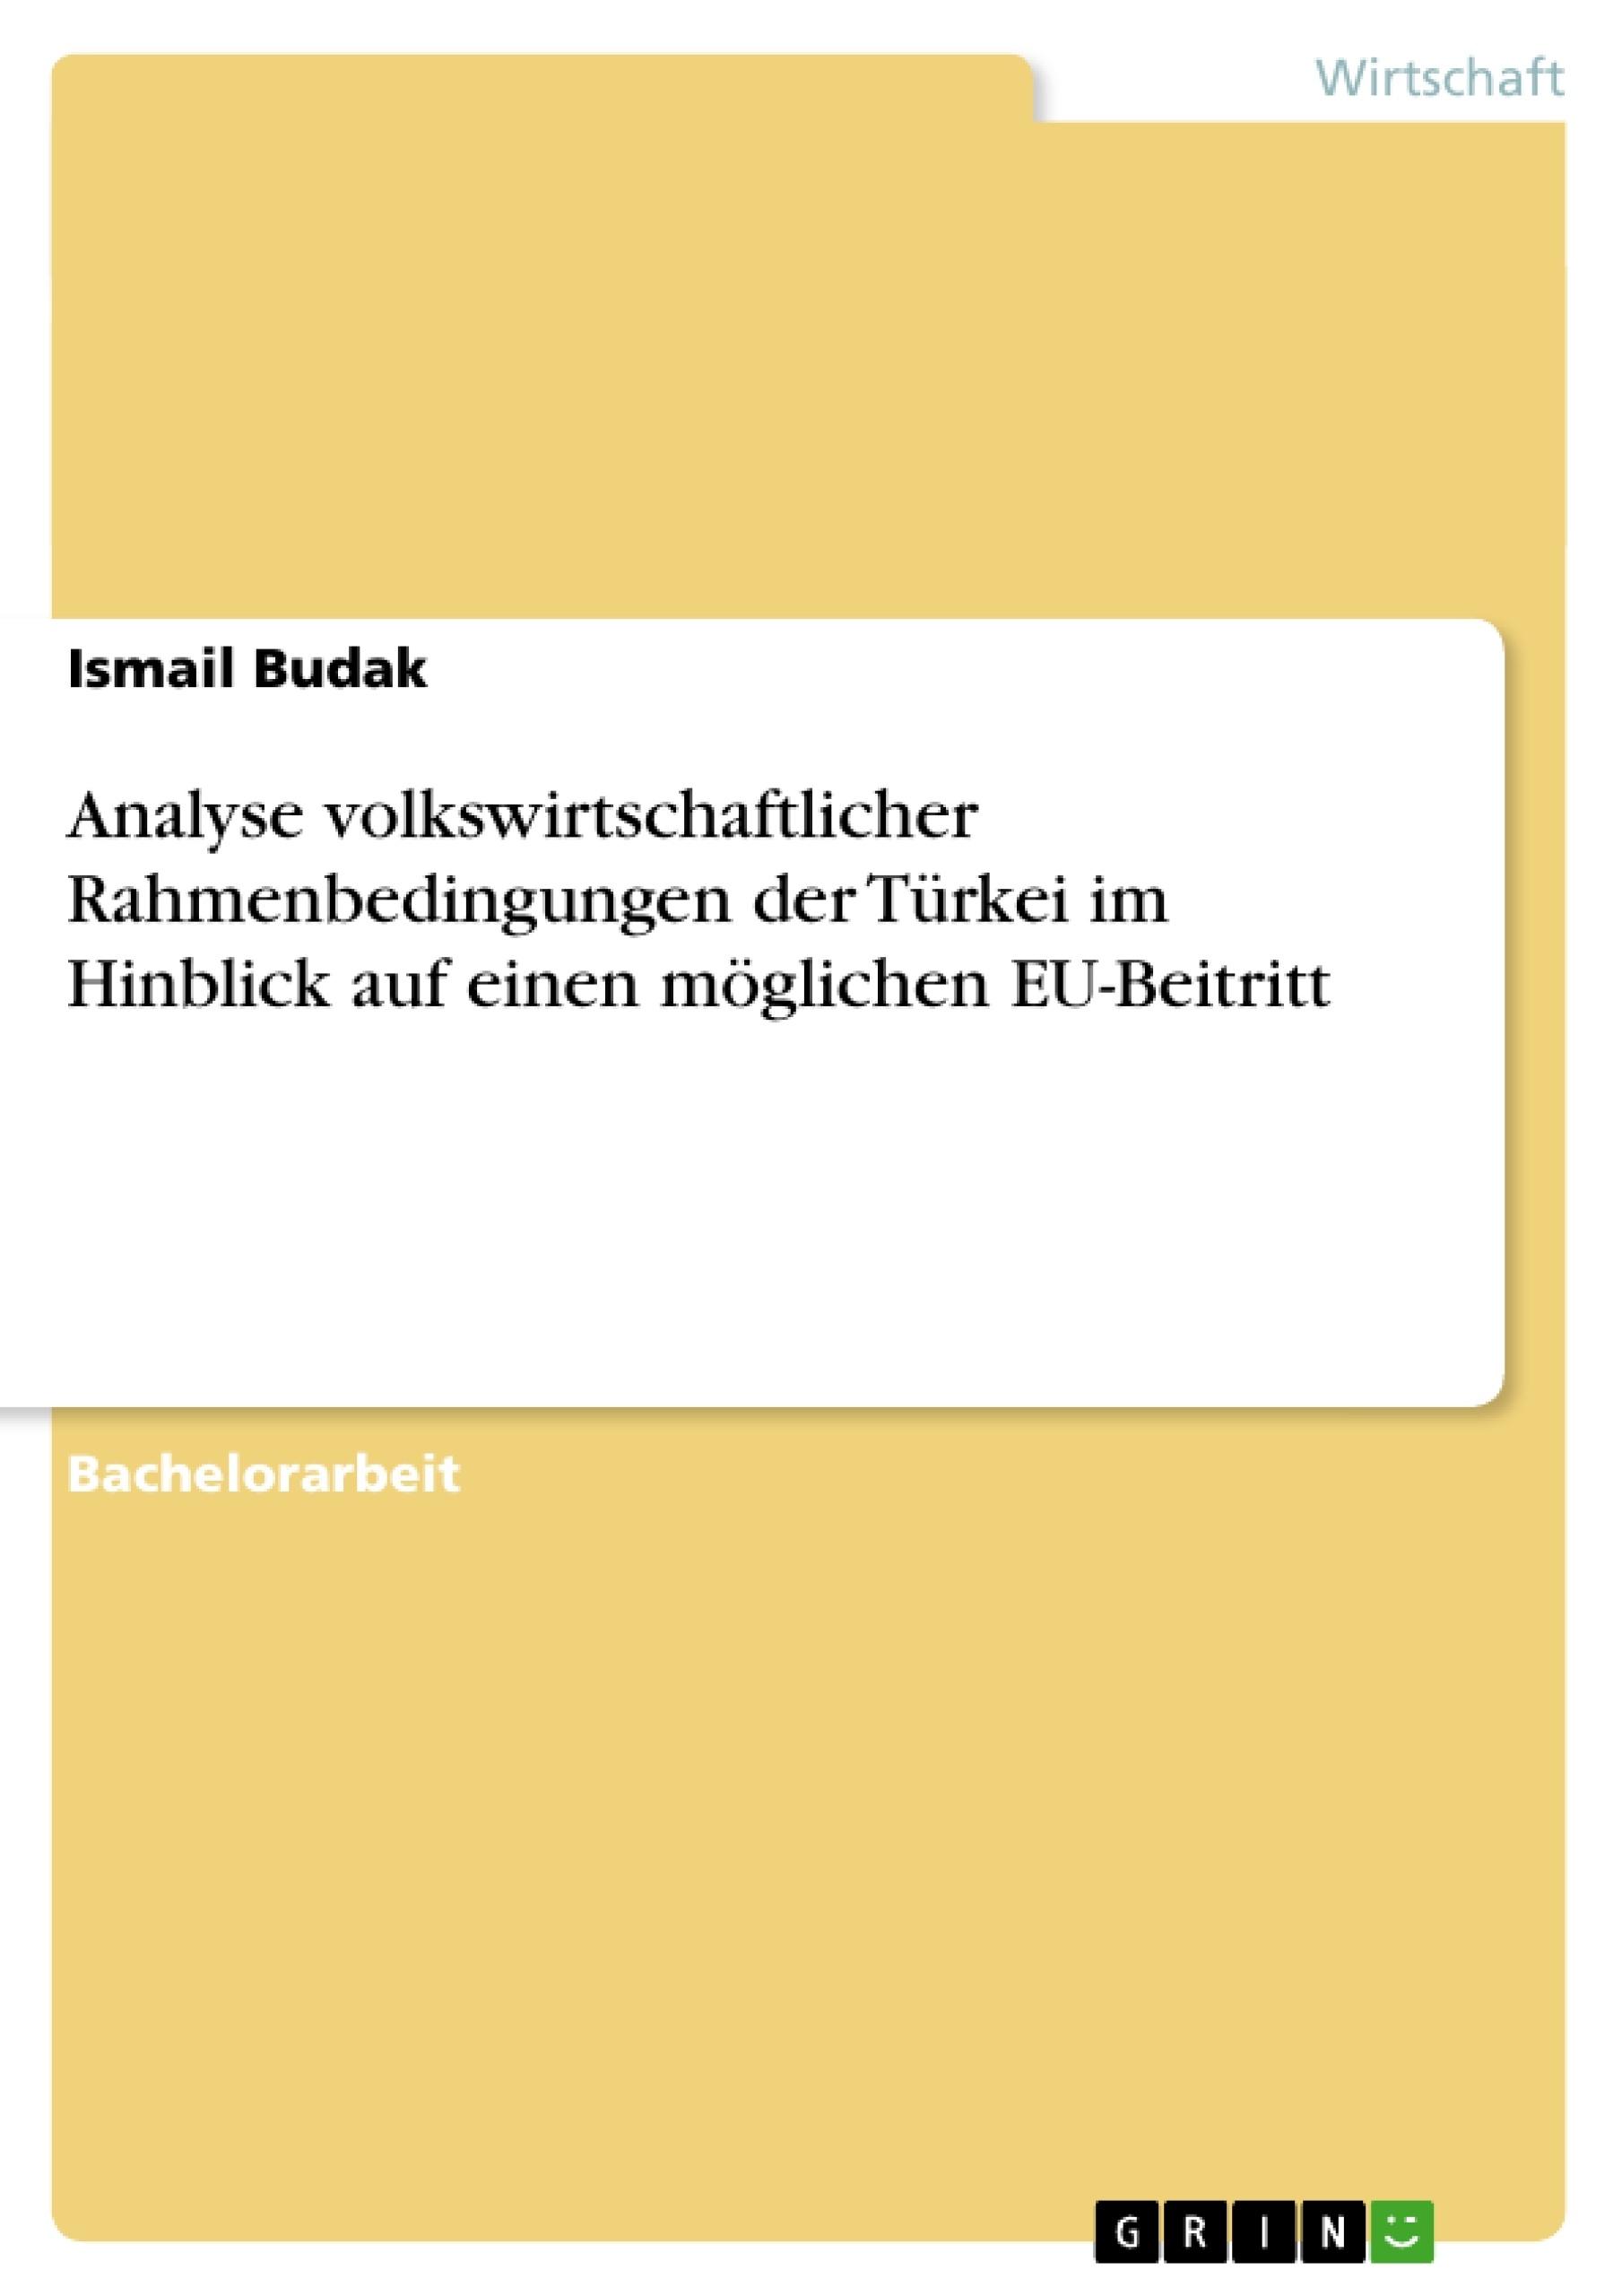 Titel: Analyse volkswirtschaftlicher Rahmenbedingungen der Türkei im Hinblick auf einen möglichen EU-Beitritt